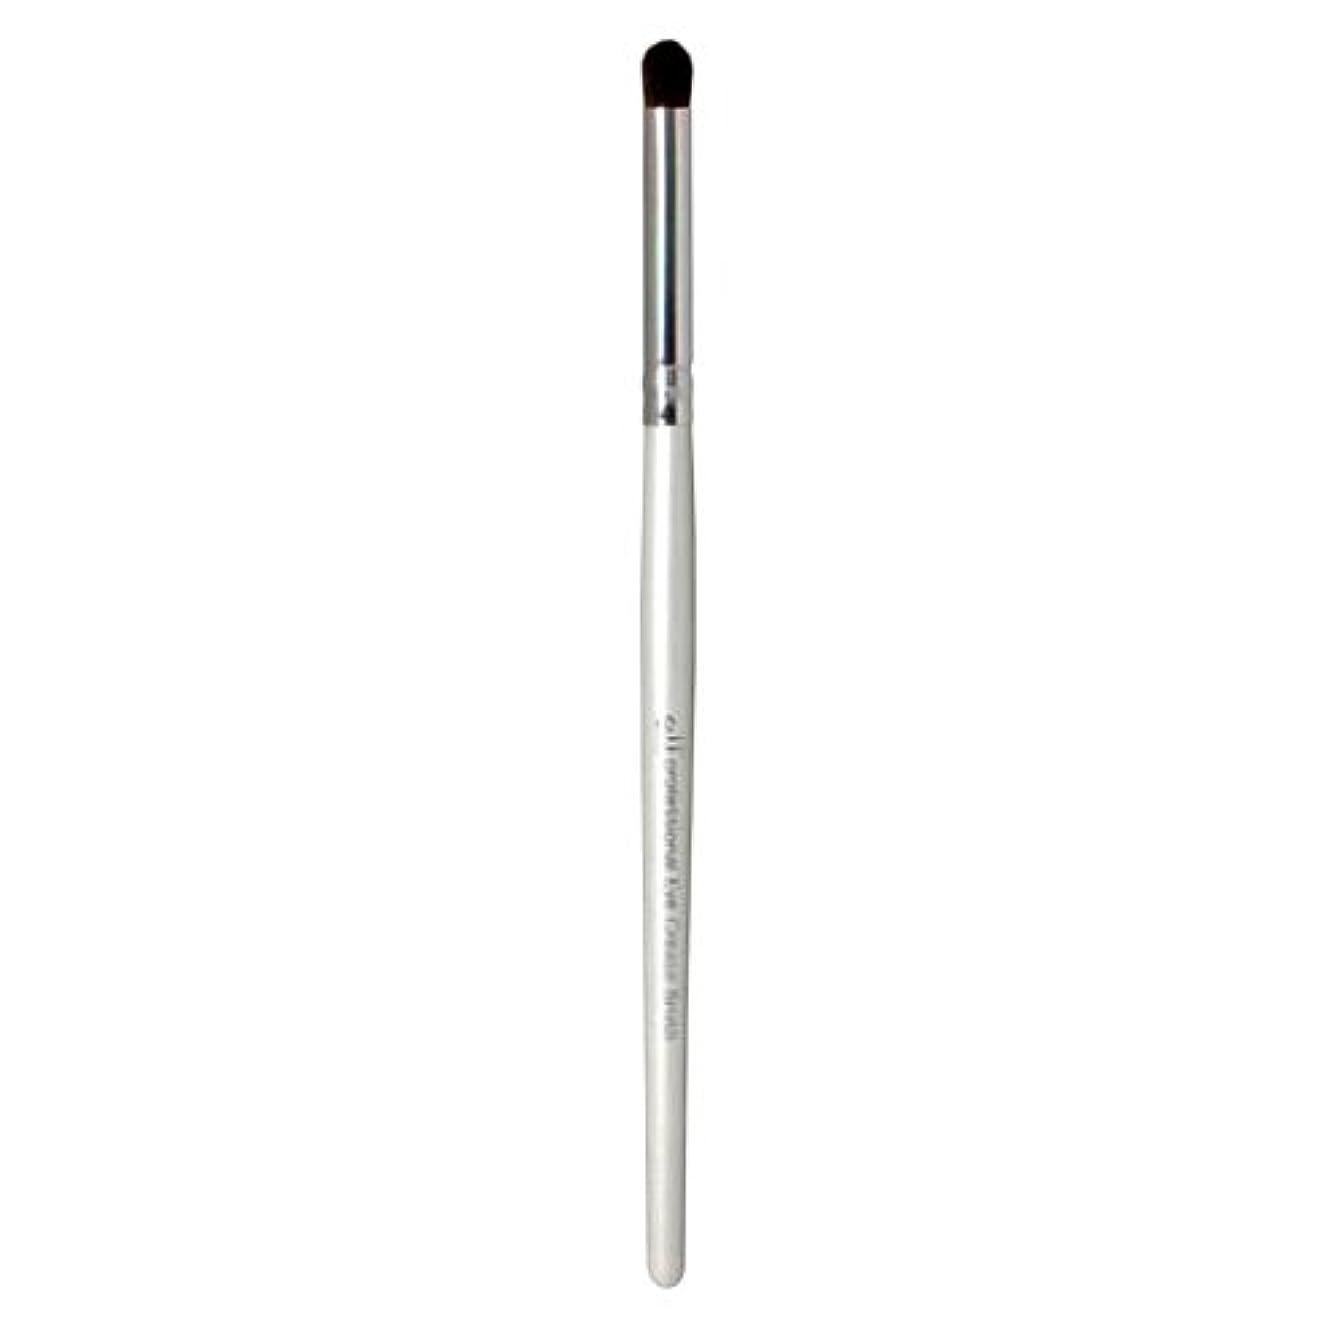 悪質な理解する単調な(3 Pack) e.l.f. Essential Eye Crease Brush - EF1823 (並行輸入品)